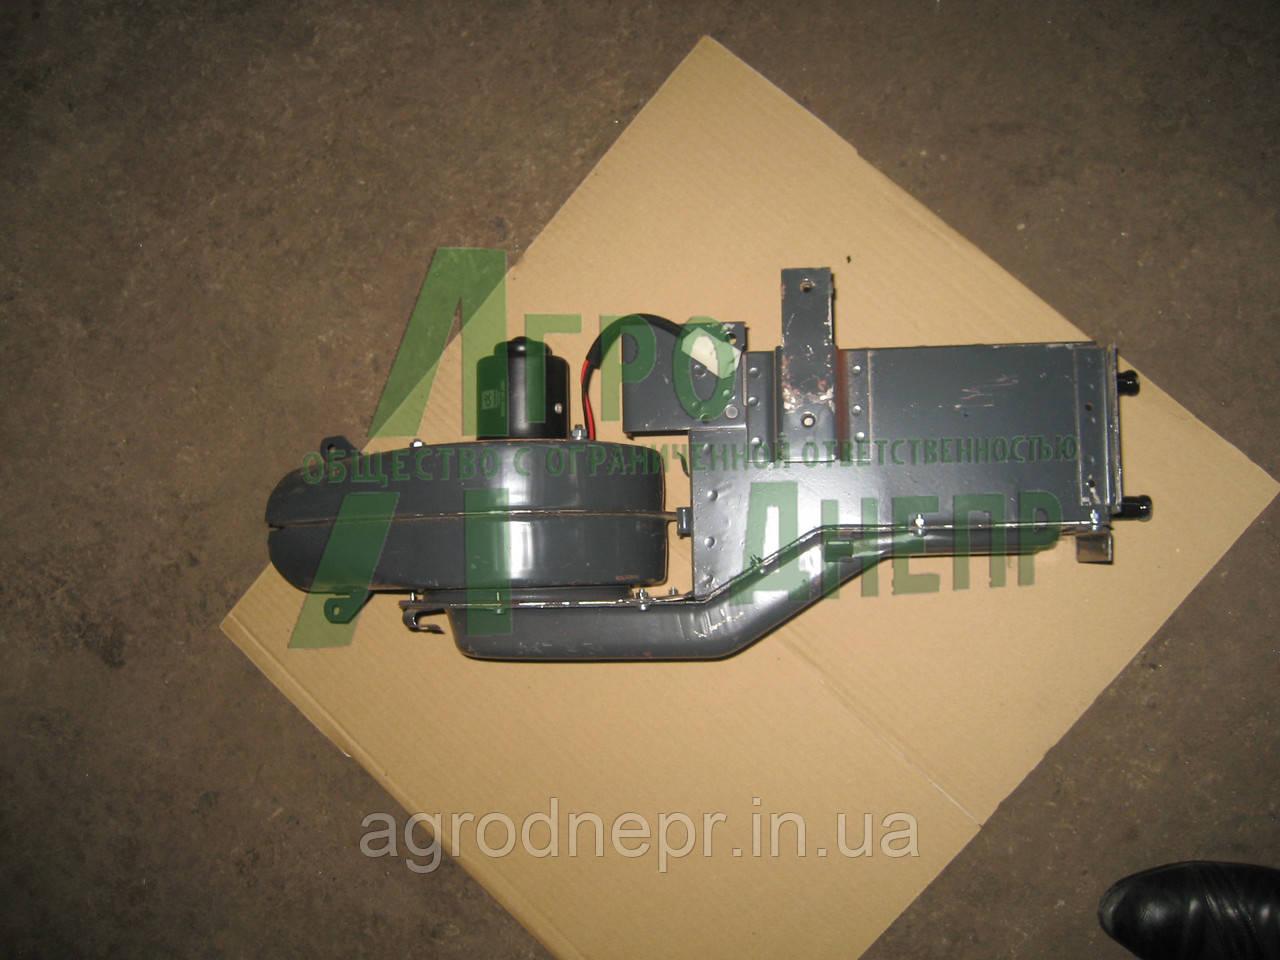 Отопитель кабины ЮМЗ 45Т-8101010-Б1 СБ